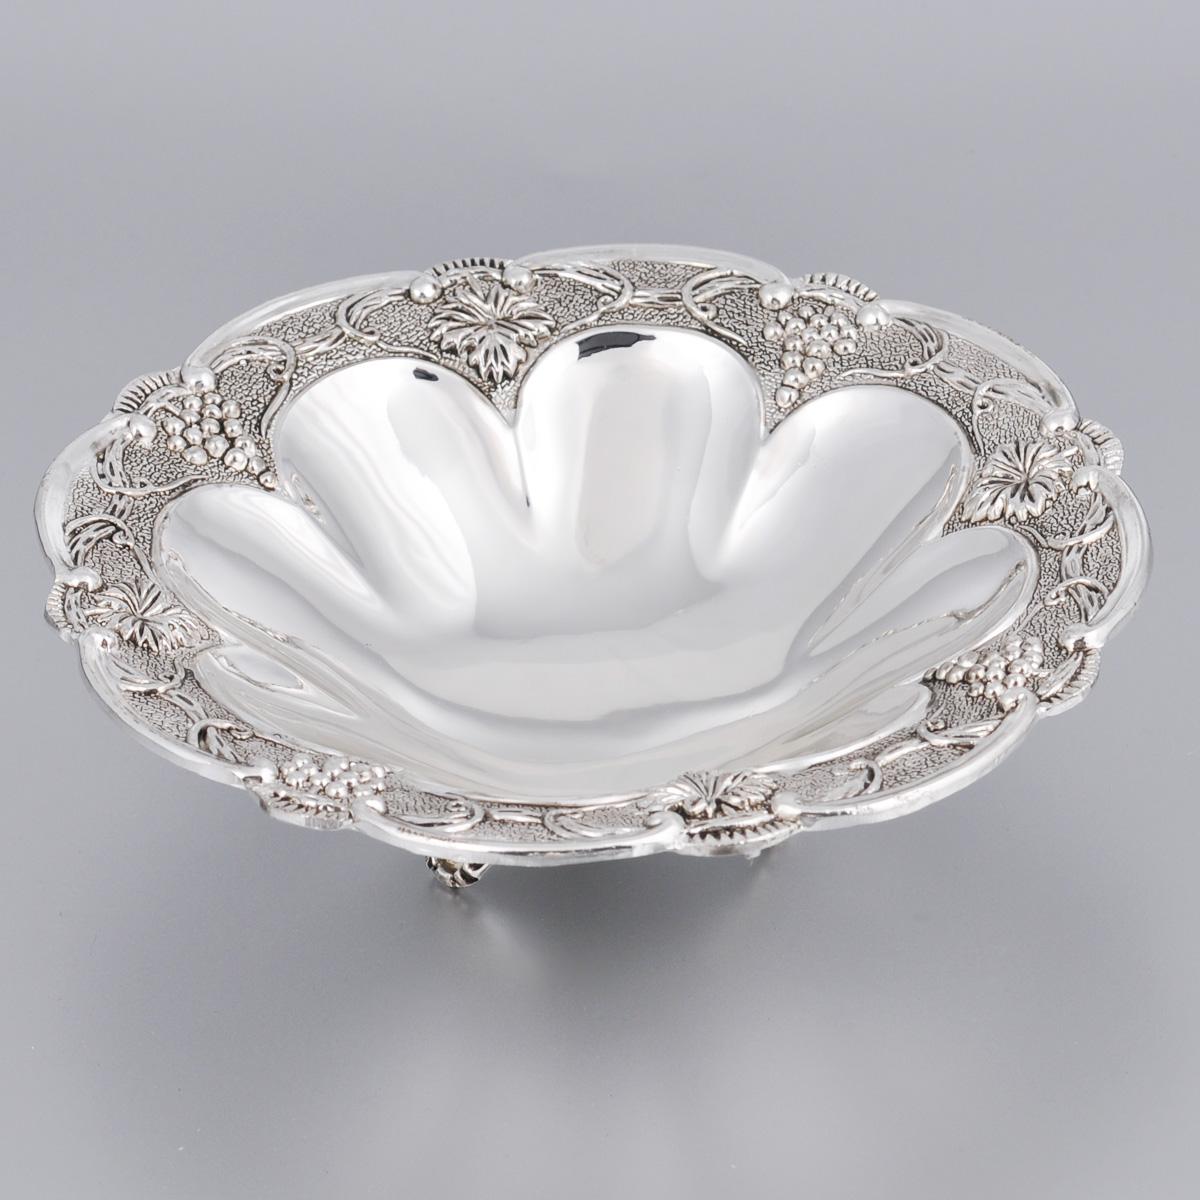 Ваза универсальная Marquis, диаметр 18 см. 7035-MR115510Универсальная ваза Marquis круглой формы выполнена из стали с никель-серебряным покрытием и оформлена каймой с изящным рельефом. Ваза прекрасно подойдет для красивой сервировки конфет, фруктов, пирожных и много другого. Такая ваза придется по вкусу и ценителям классики, и тем, кто предпочитает утонченность и изысканность. Она украсит сервировку вашего стола и подчеркнет прекрасный вкус хозяина, а также станет отличным подарком.Диаметр (по верхнему краю): 18 см.Высота вазы: 5 см.